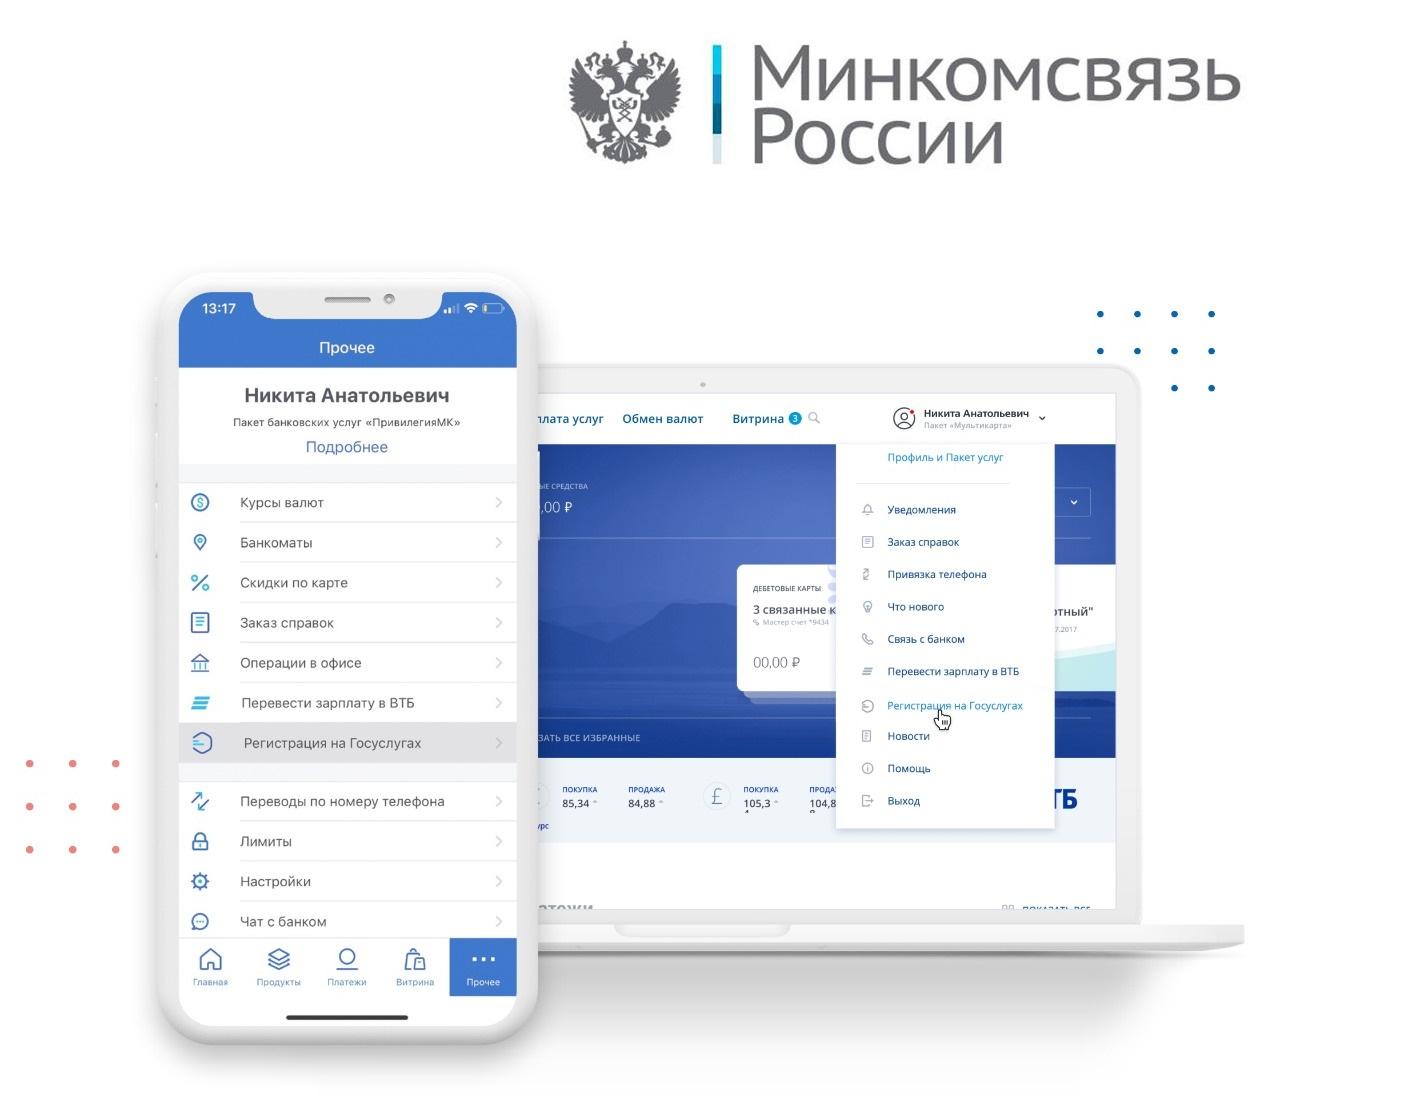 Зарегистрироваться и подтвердить учётную запись на портале госуслуг можно через ВТБ-Онлайн 1